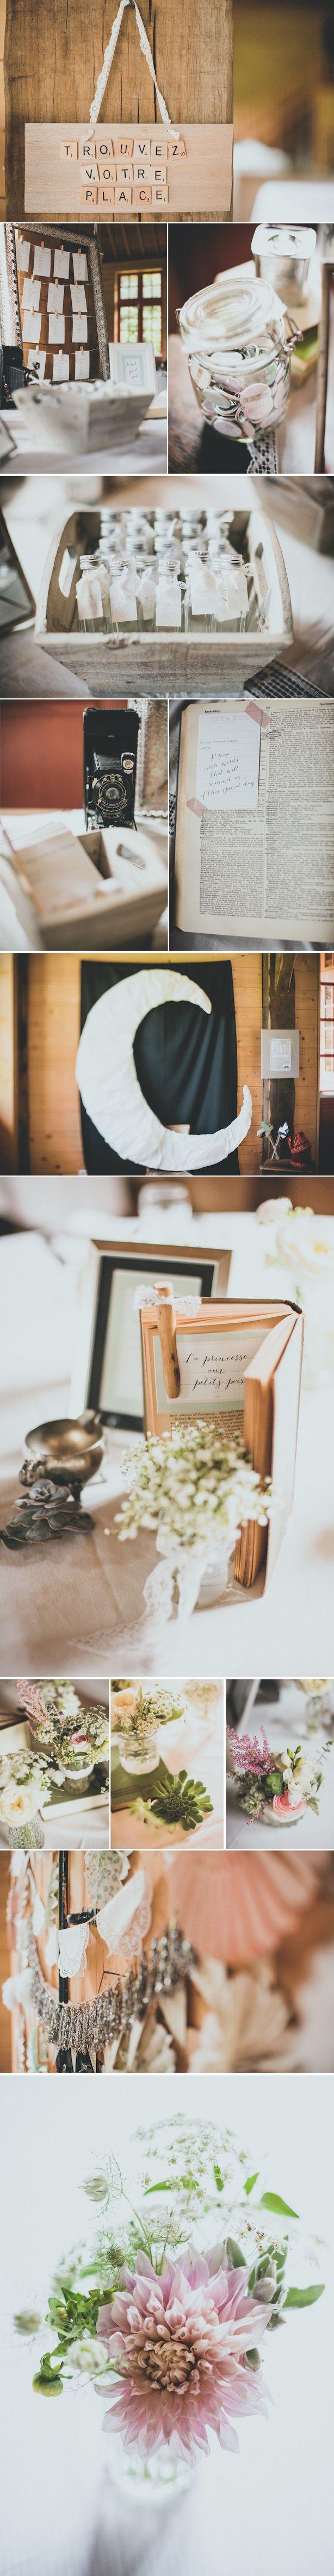 le-blog-de-madame-c-mariage-made-in-you-normandie-Ricardo-vieira-6.jpg (614×4740)